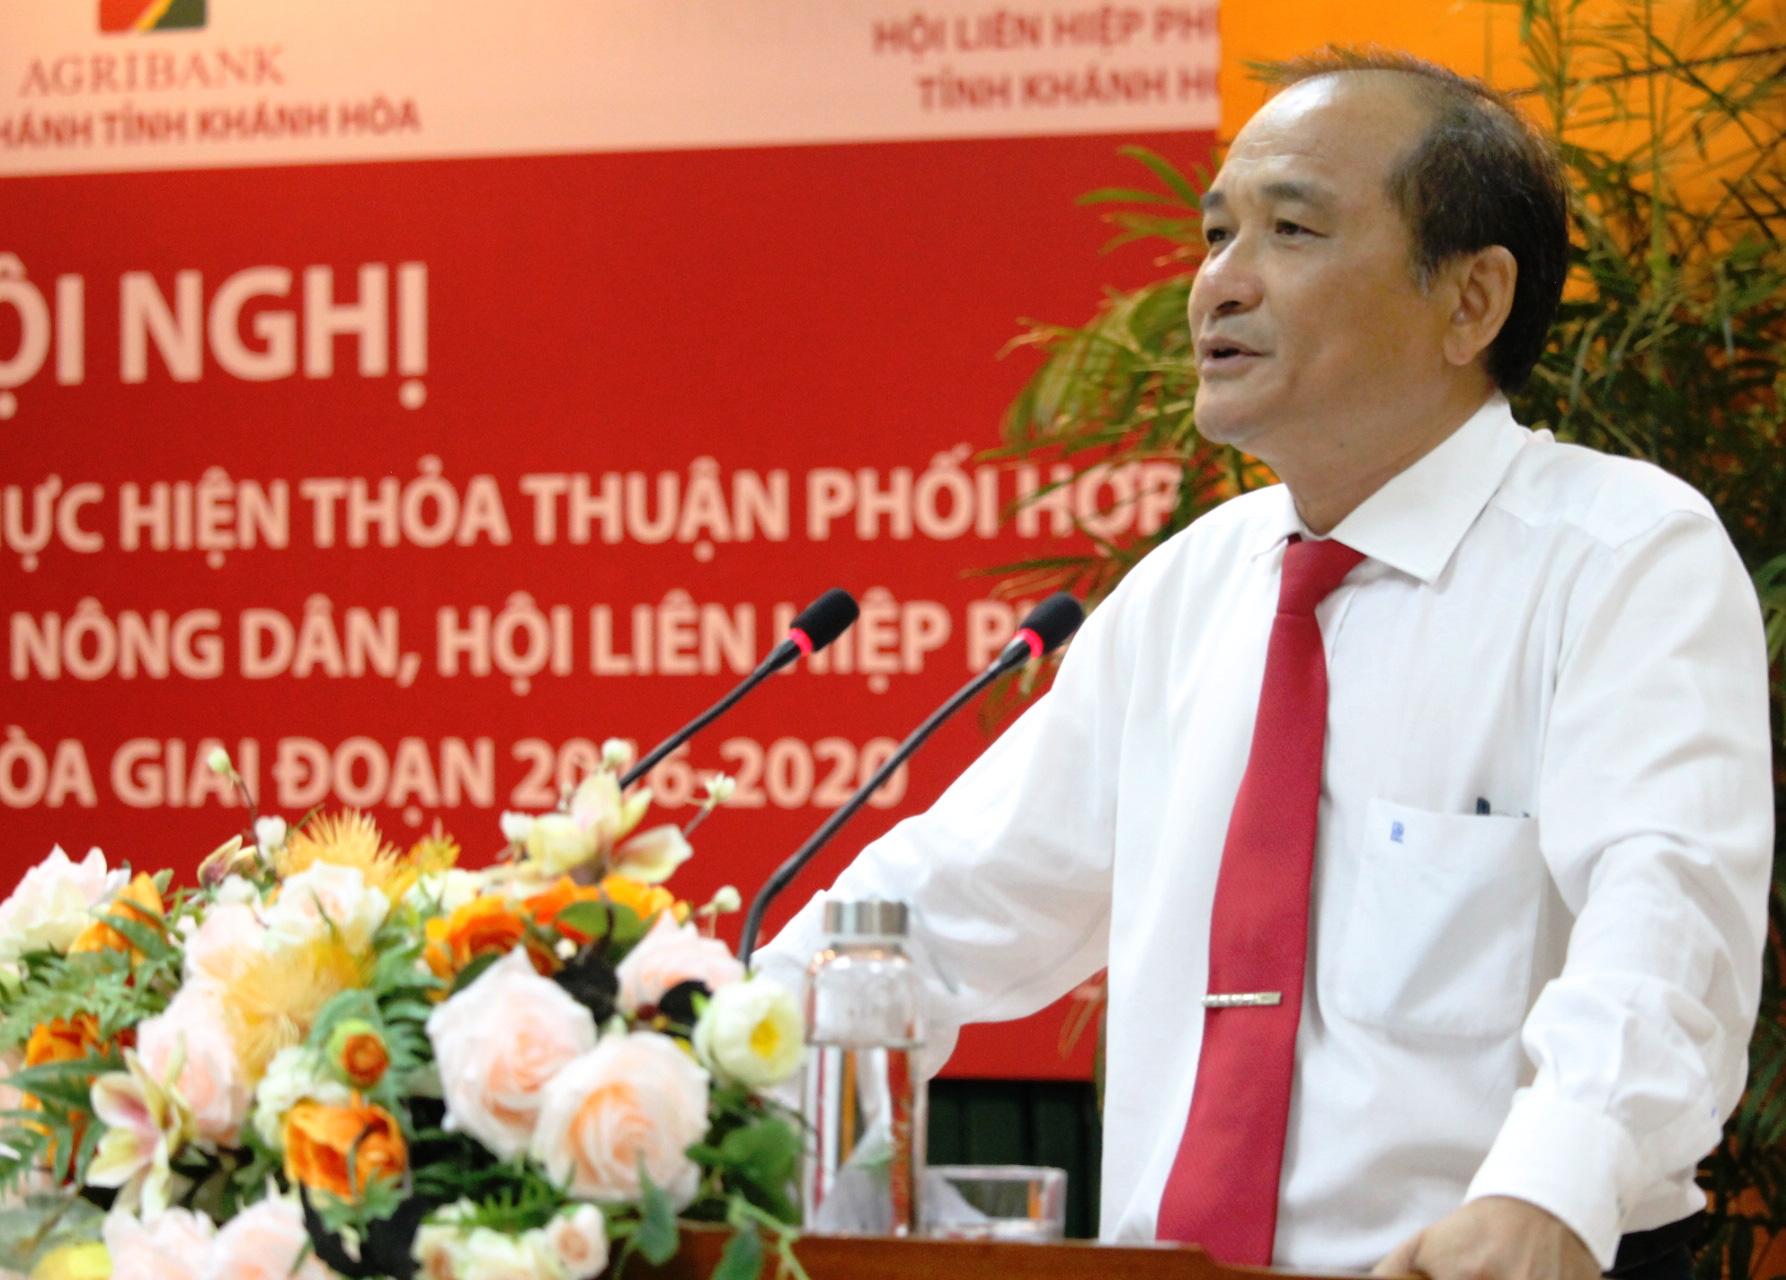 Agribank Khánh Hòa đã giải ngân 2.578 tỷ đồng - Ảnh 2.